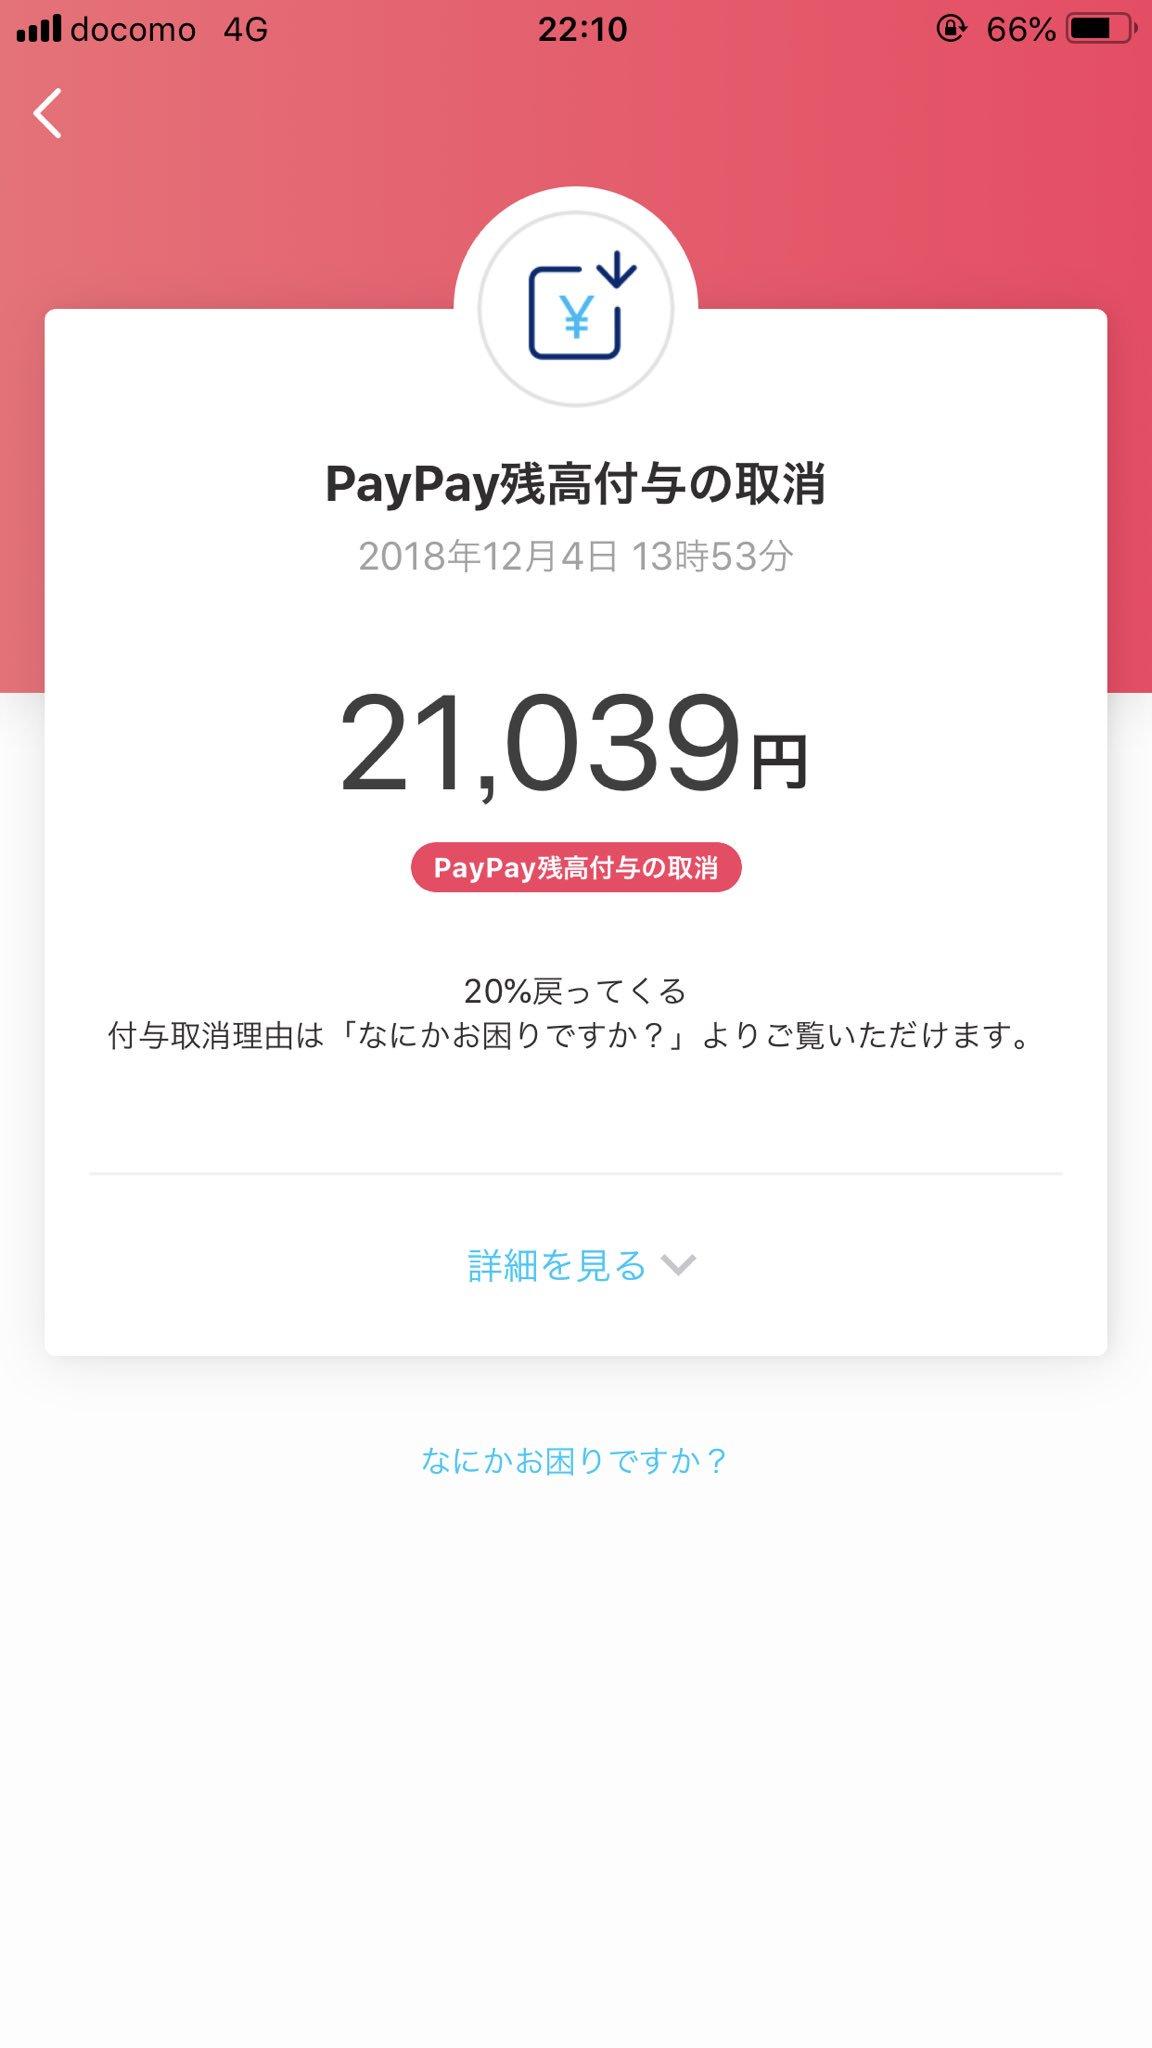 画像,PayPay、多重決済の次は付与されるはずのポイントが付与取消しになっててもう終わってるでしょこのサービス😇 本人名義のクレカで複数アカも作ってないのに何をどう…